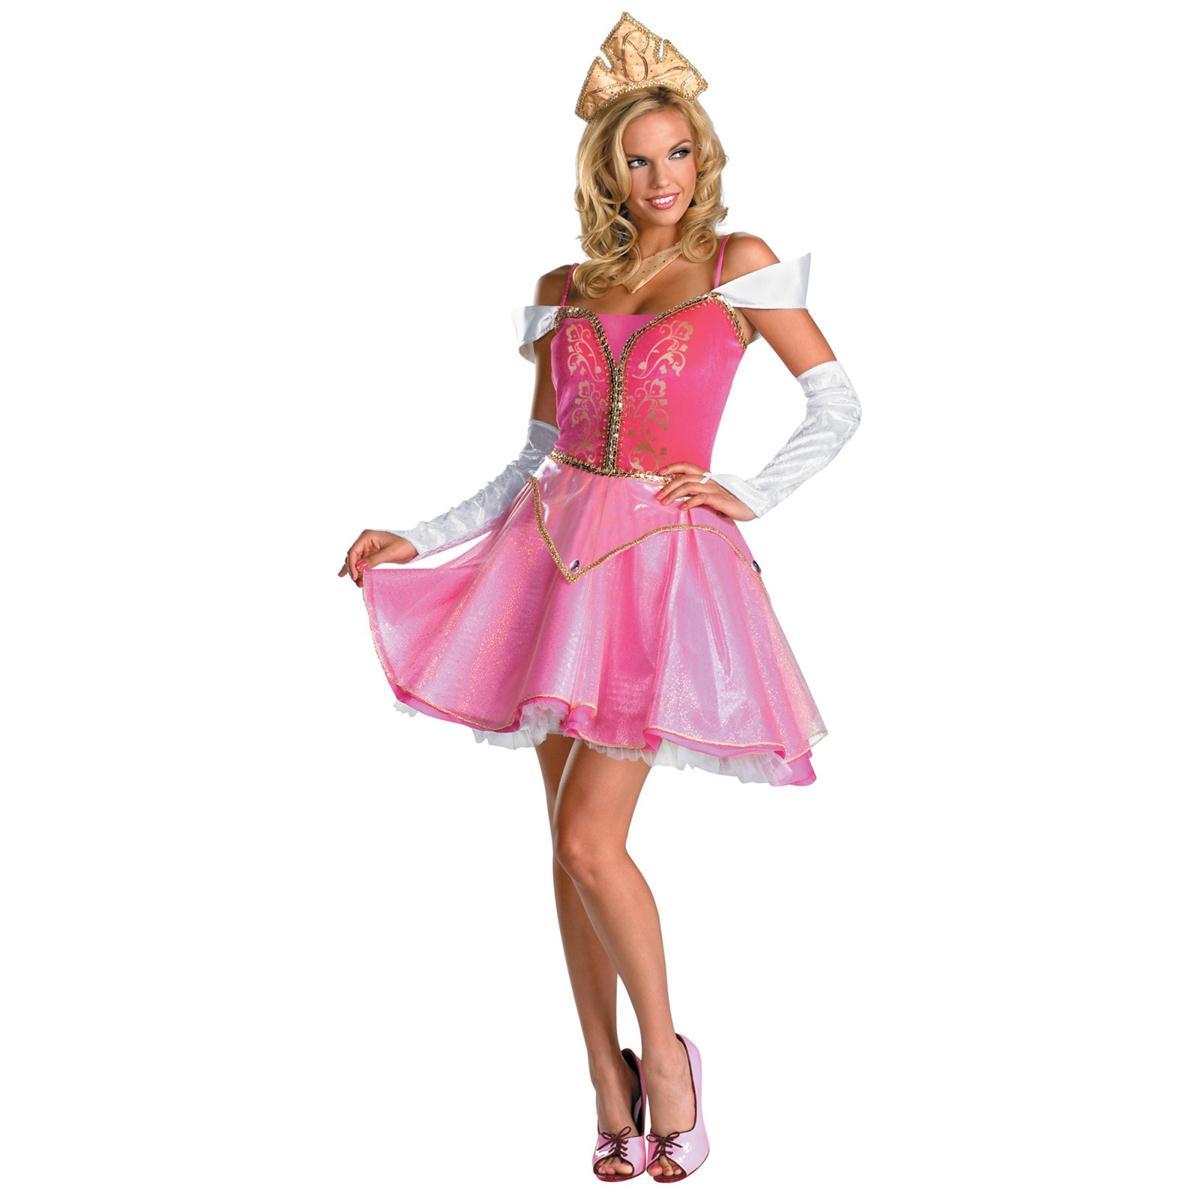 ディズニー プリンセス コスチューム 大人 オーロラ姫 衣装 ドレス 眠れる森の美女 オーロラ姫 プレステージ 衣装 ハロウィン